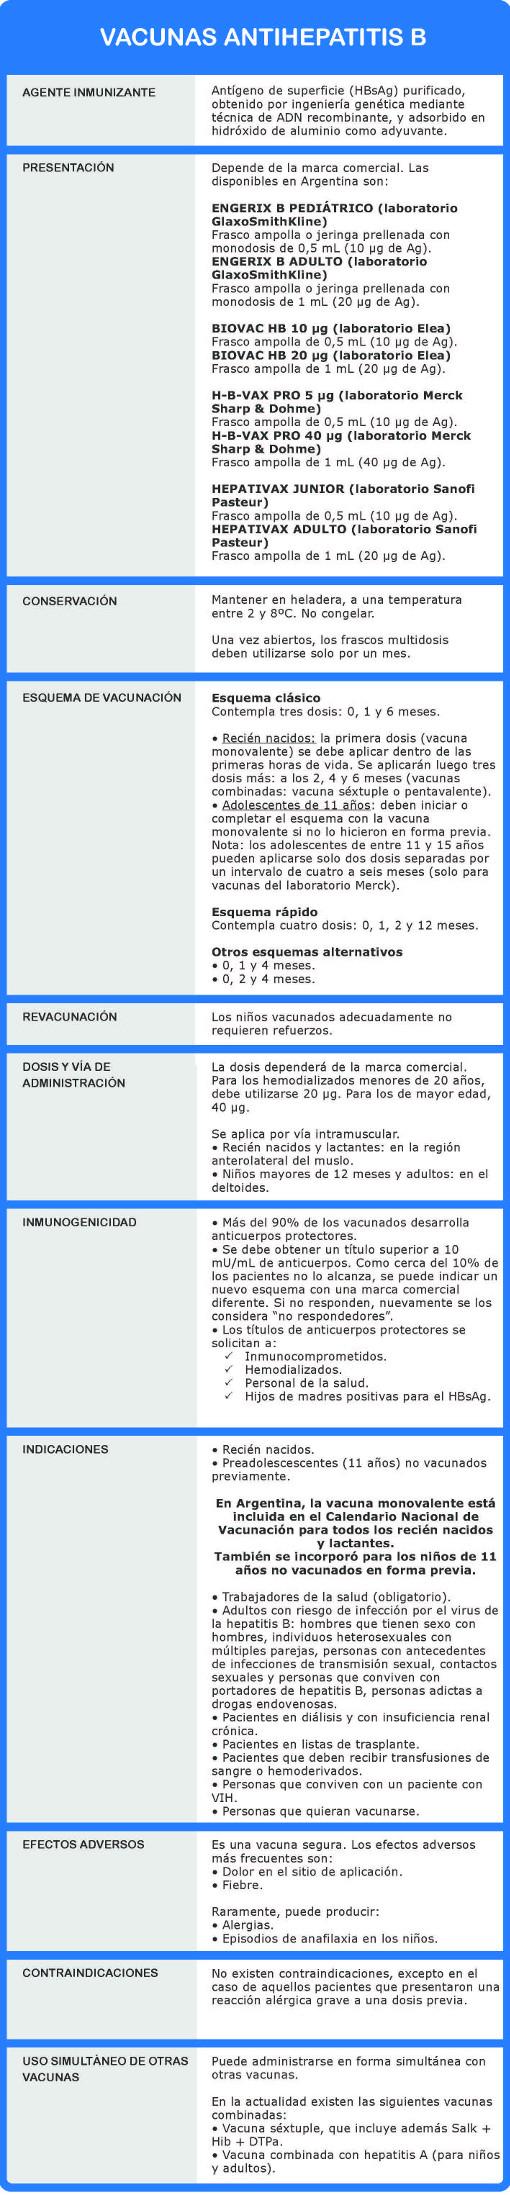 esquema efectos adversos contraindicaciones dosis administracion indicaciones presentacion agente inmunizante coadministracion vacunas pentavalente monovalente sextuple engerix pediatrico adulto biovac hb h vax pro hepativax junior que previene contra la hepatitis b en calendario de vacunacion para ninos adolescentes